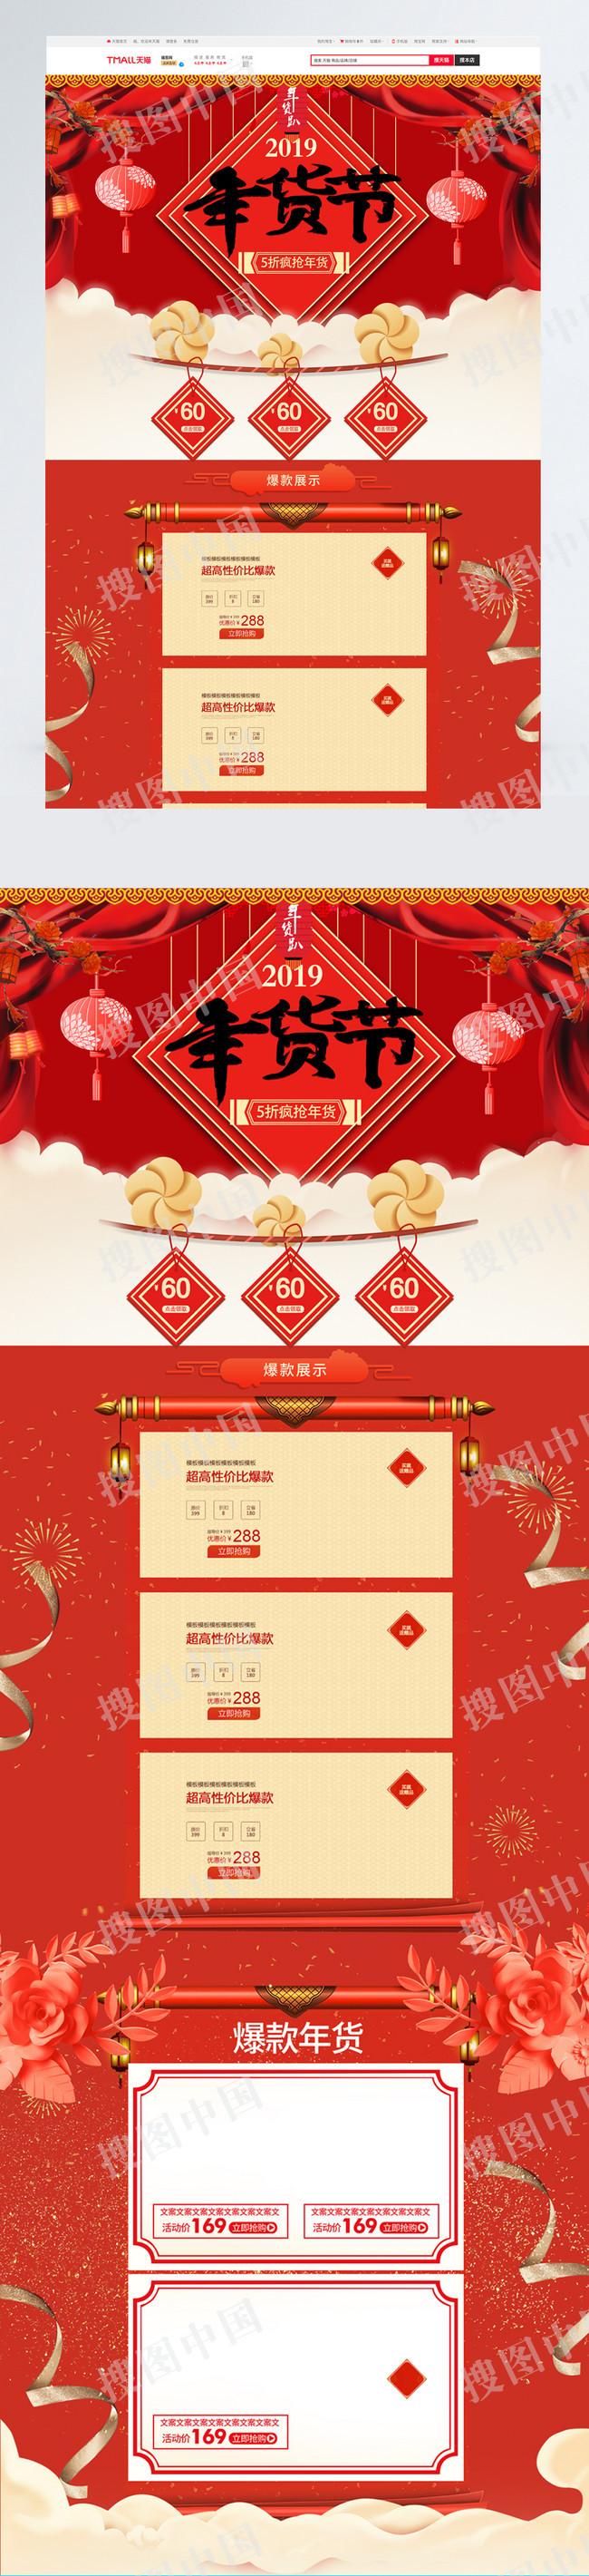 年货节红色大气喜庆氛围淘宝天猫年货盛典首页模板